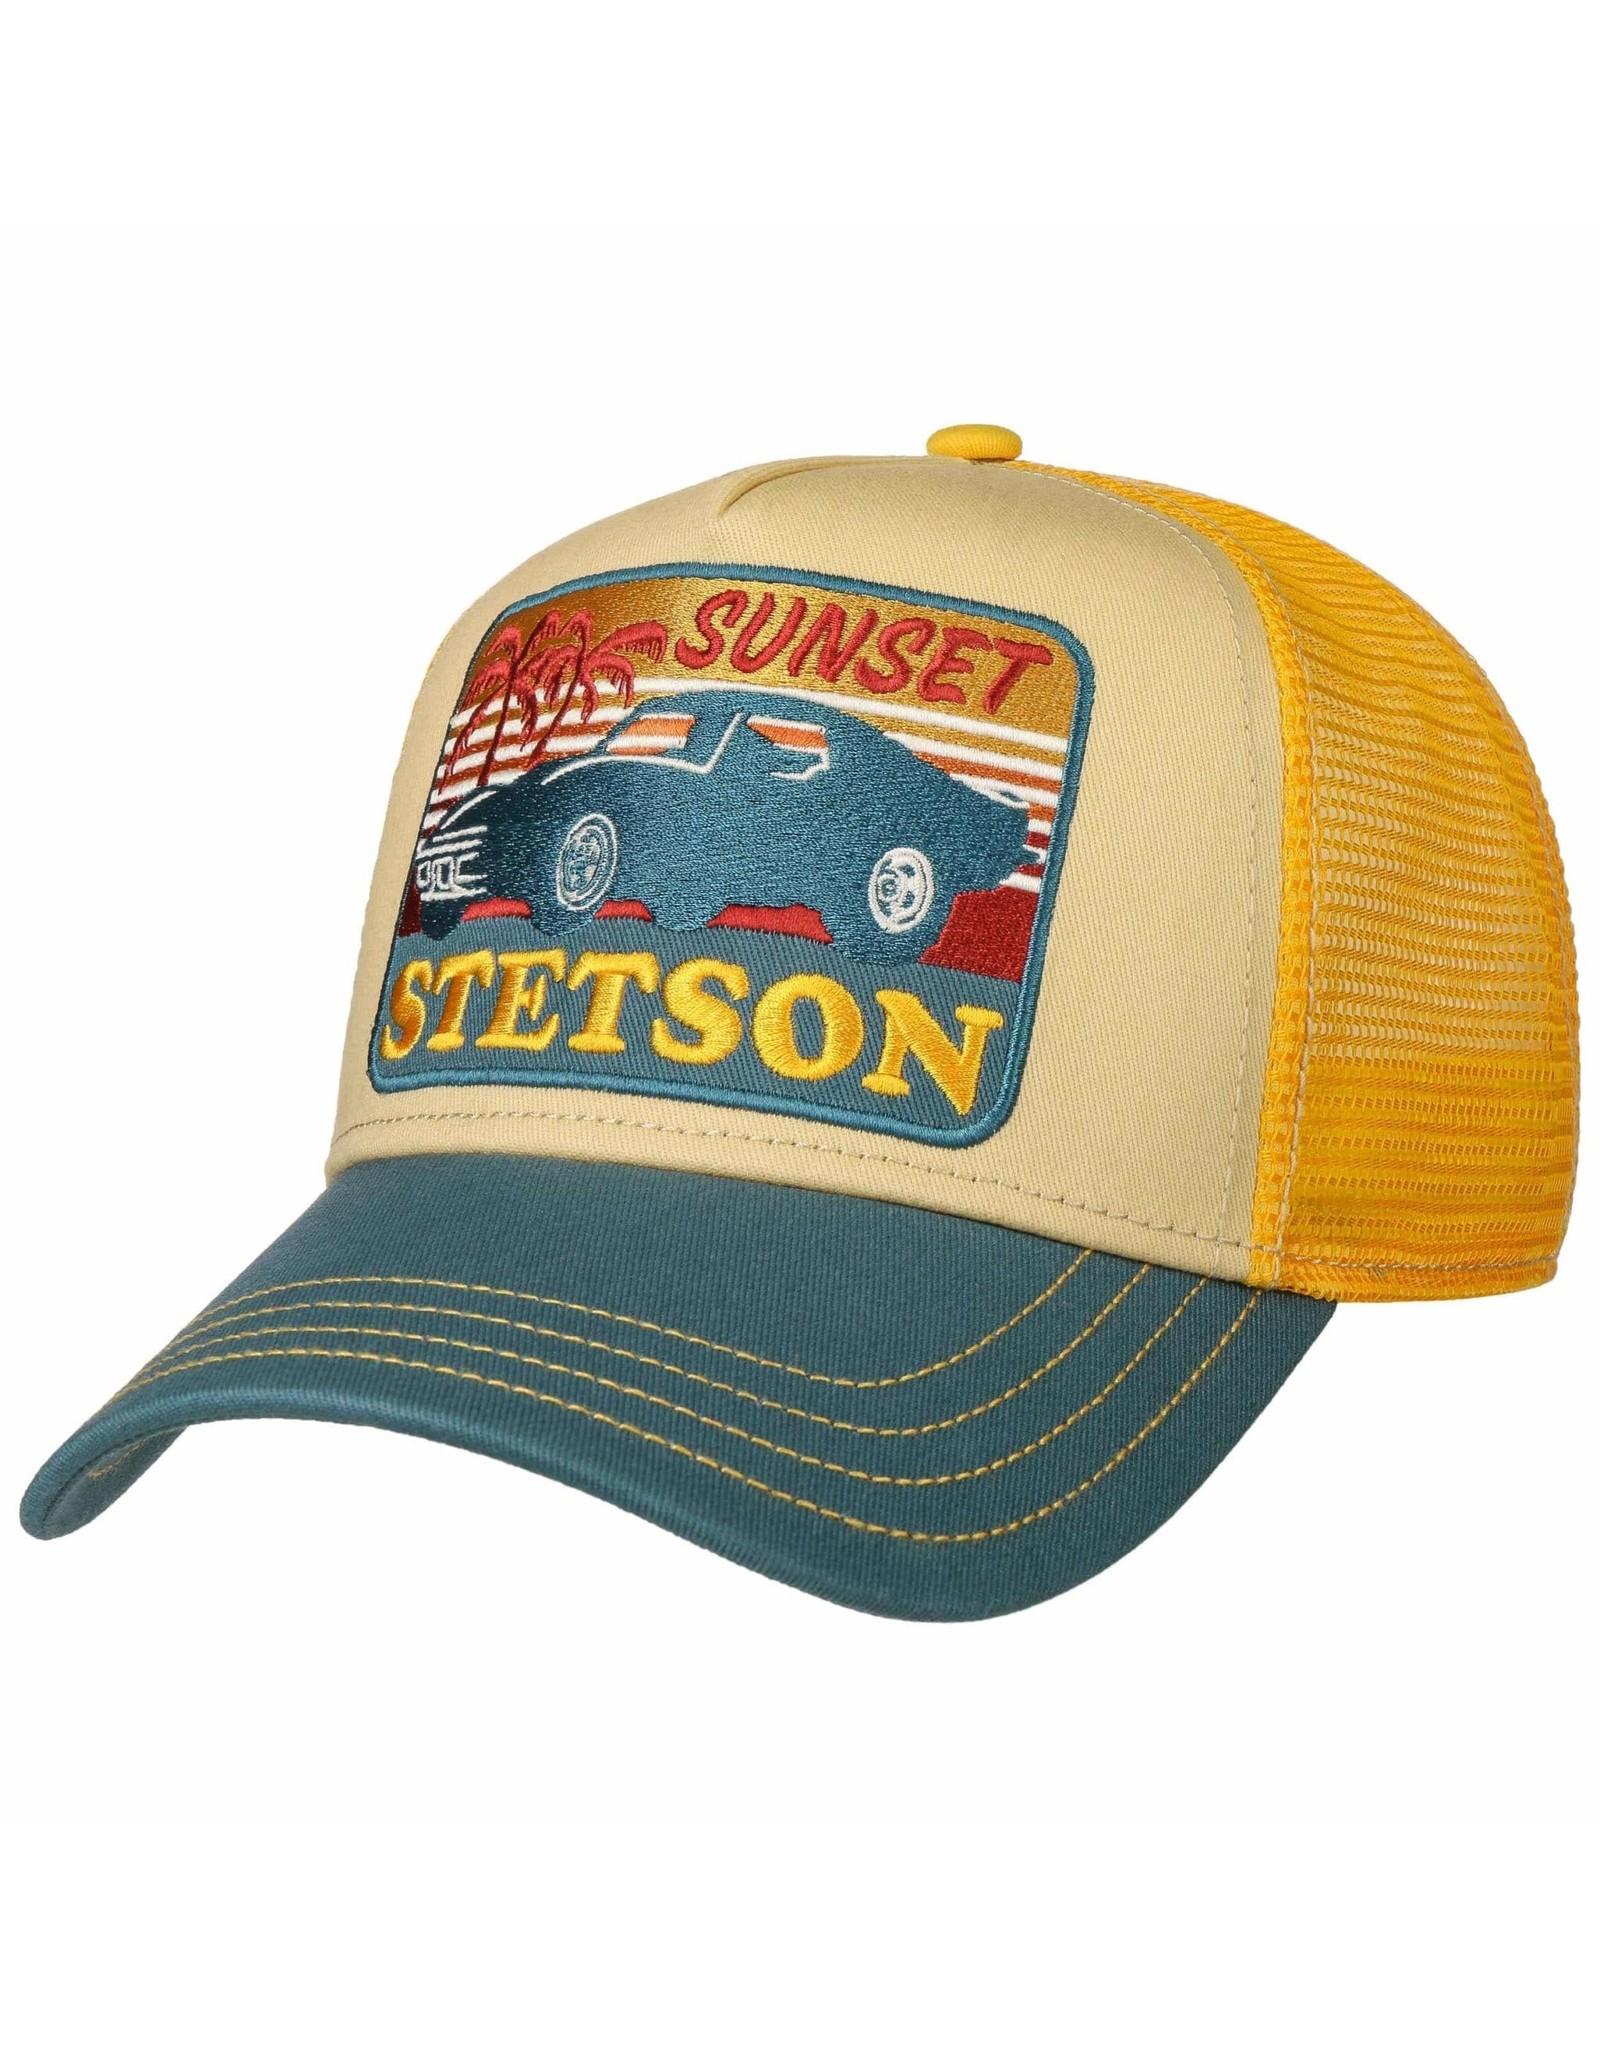 Stetson Sunset Trucker Cap